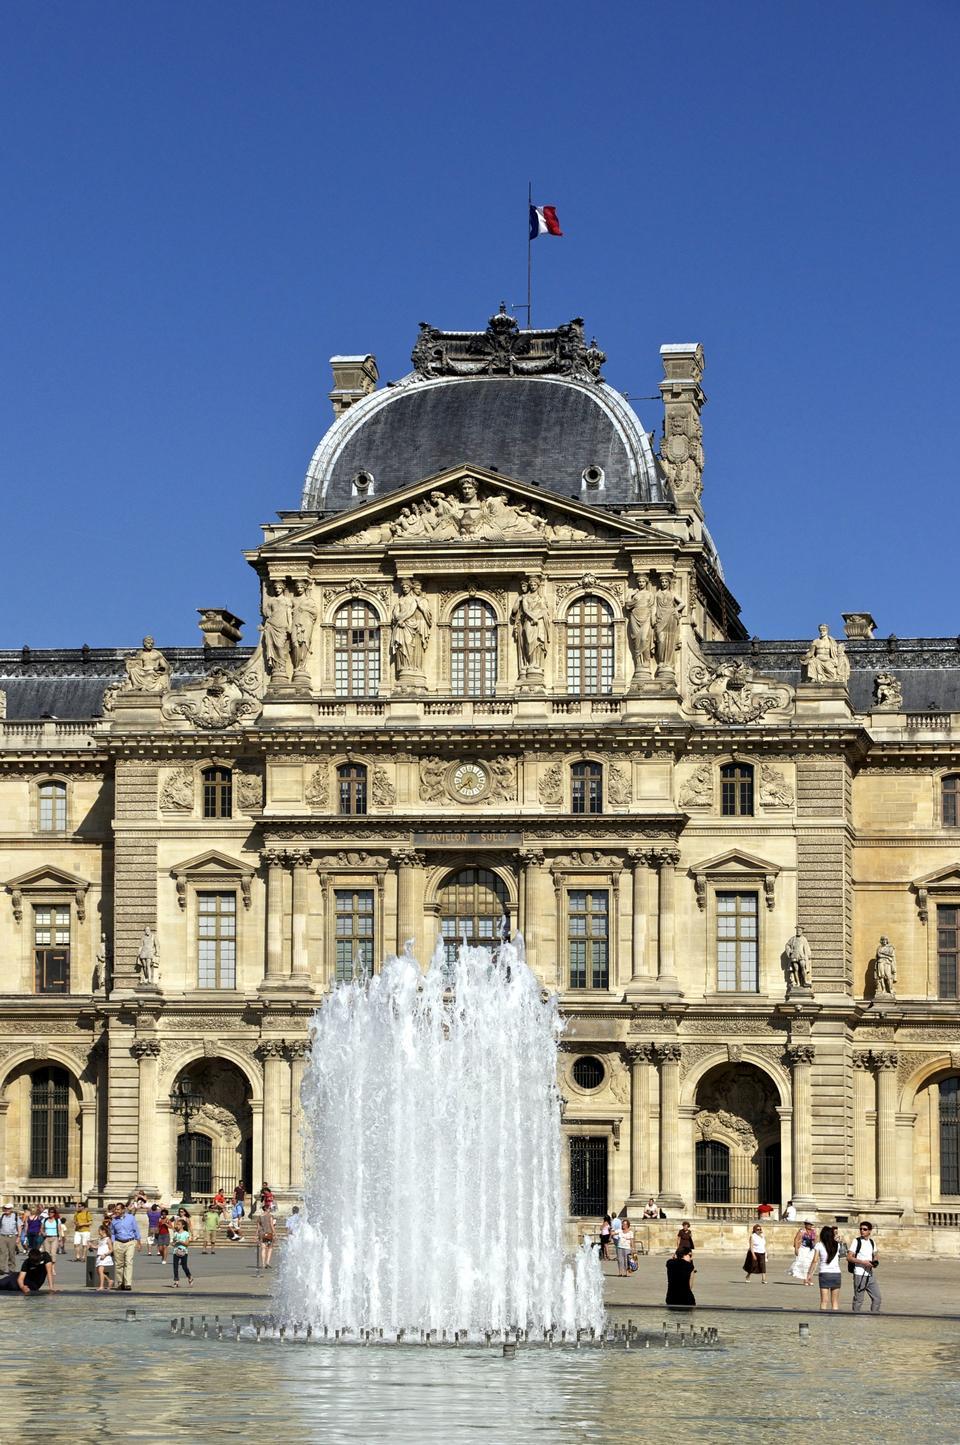 ルーヴル宮殿、パリ、フランス